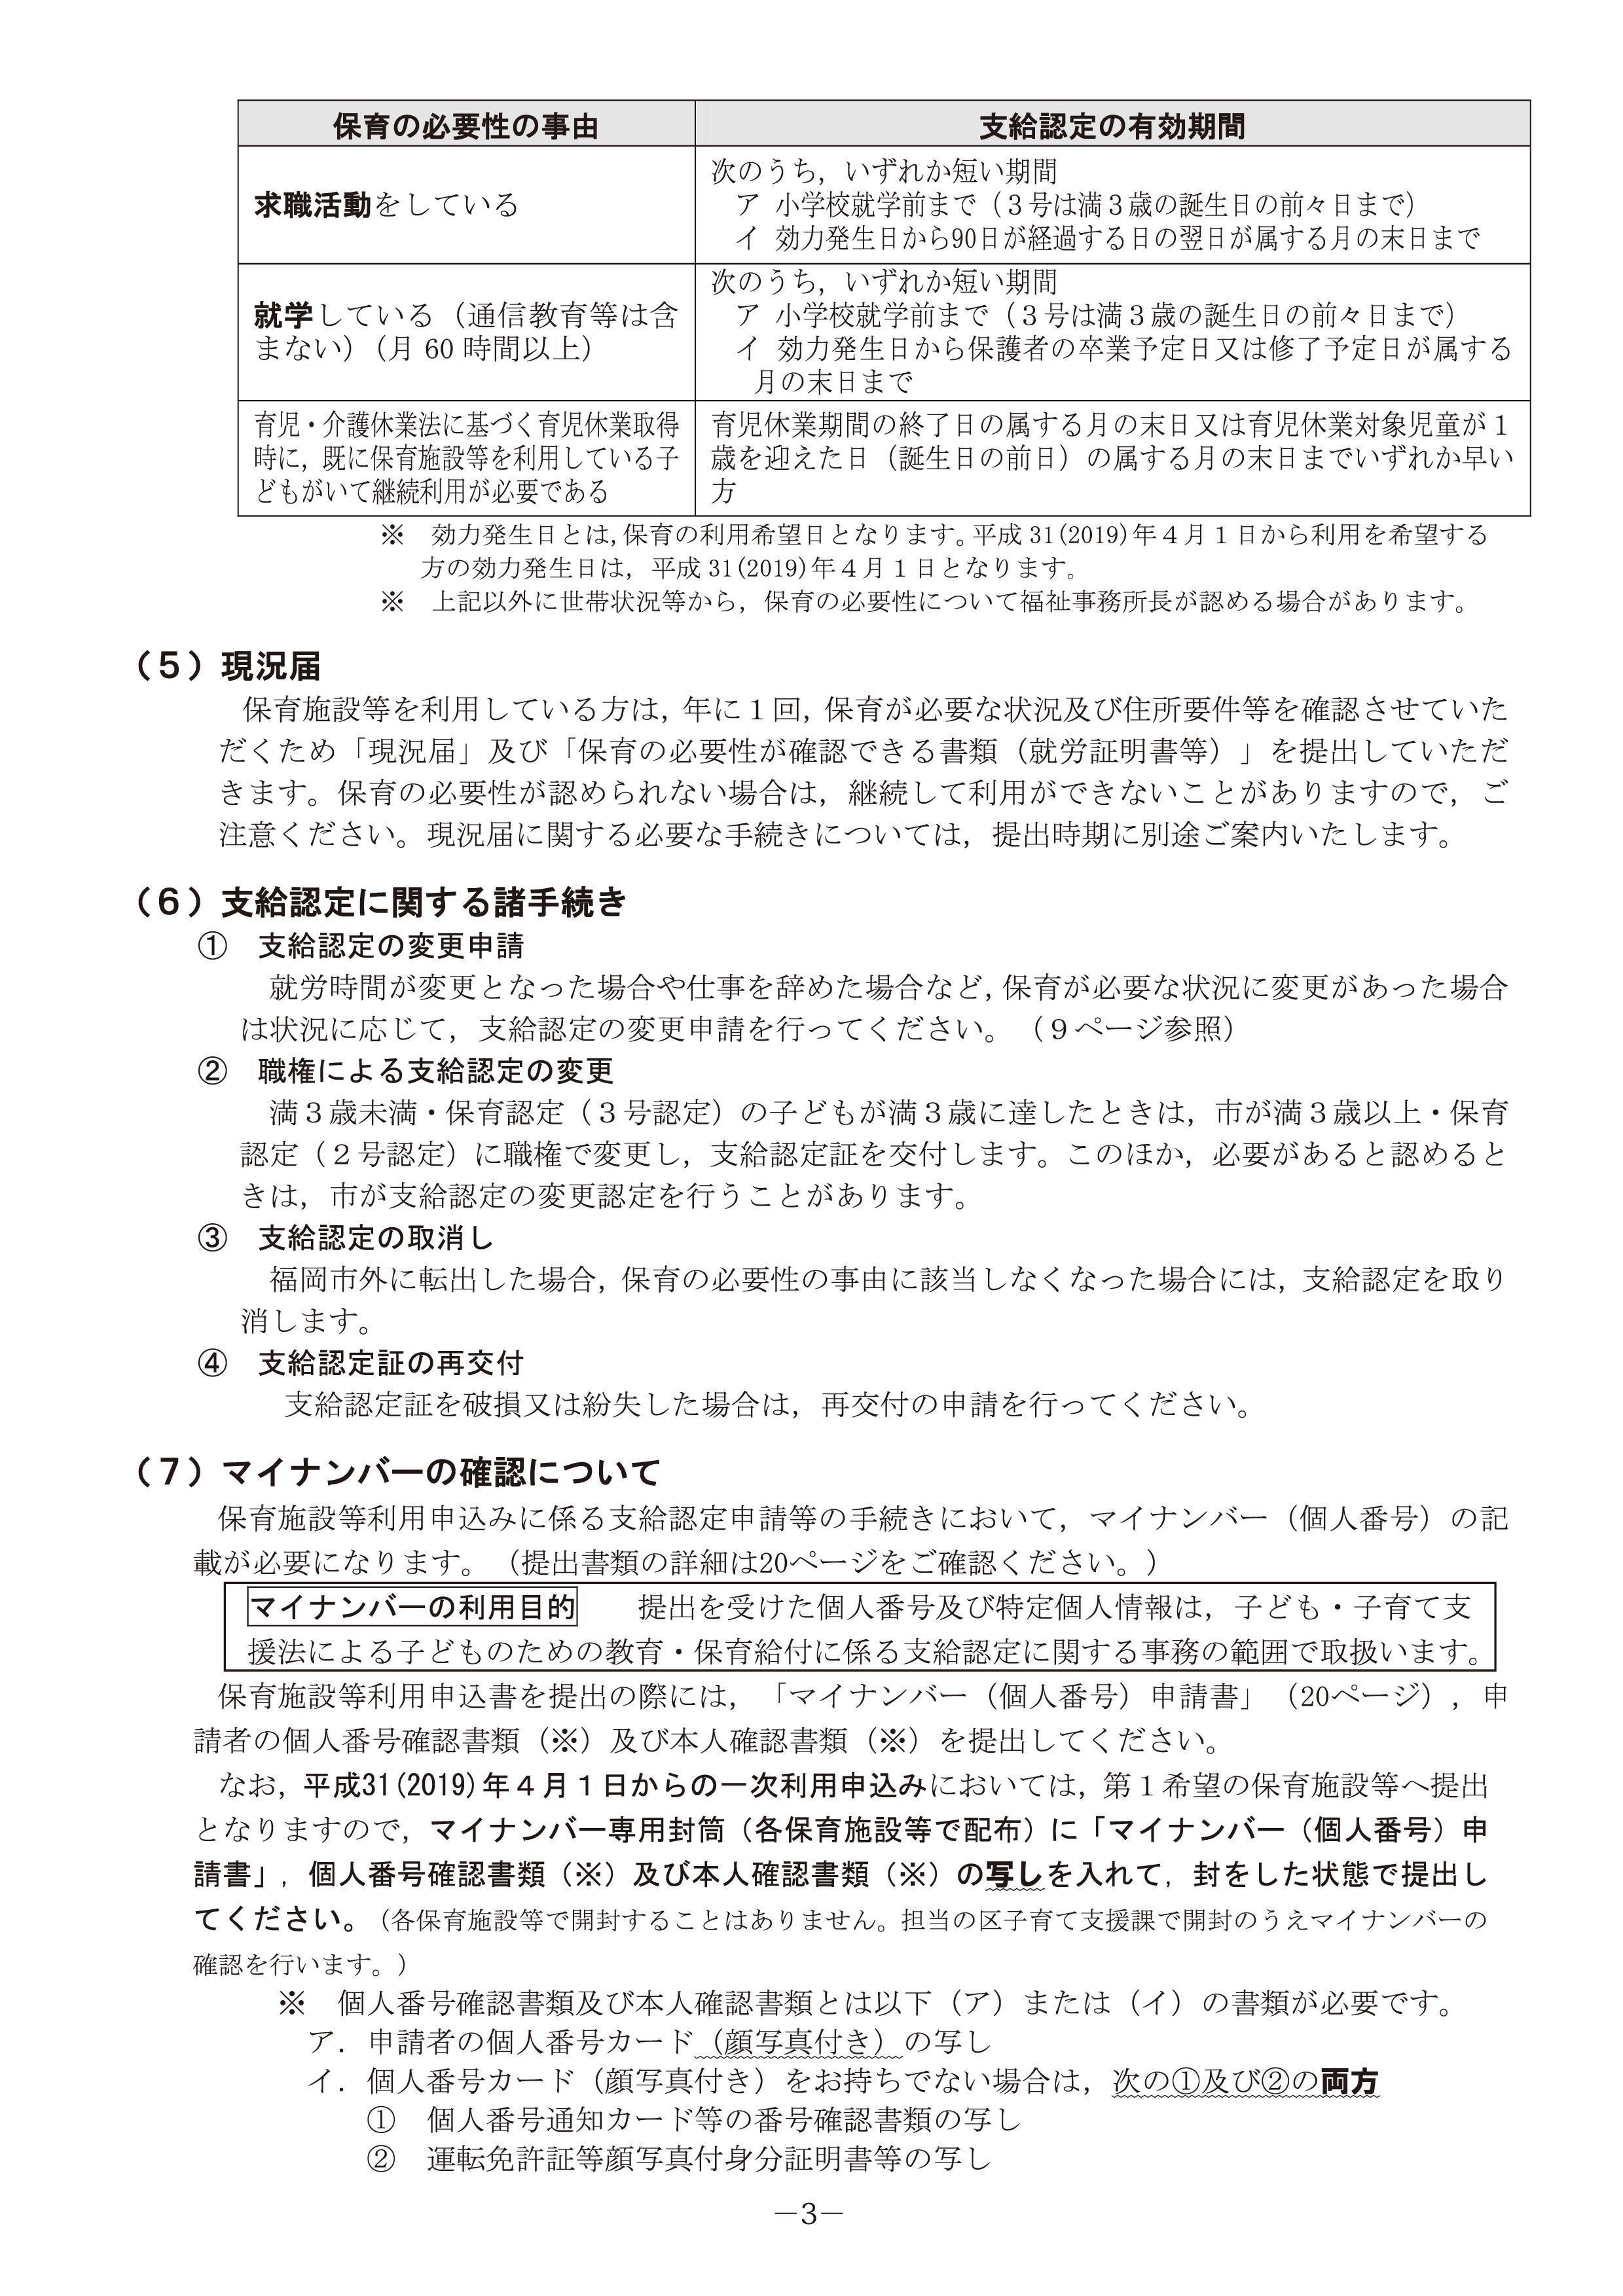 PDF ファイル-003.jpg